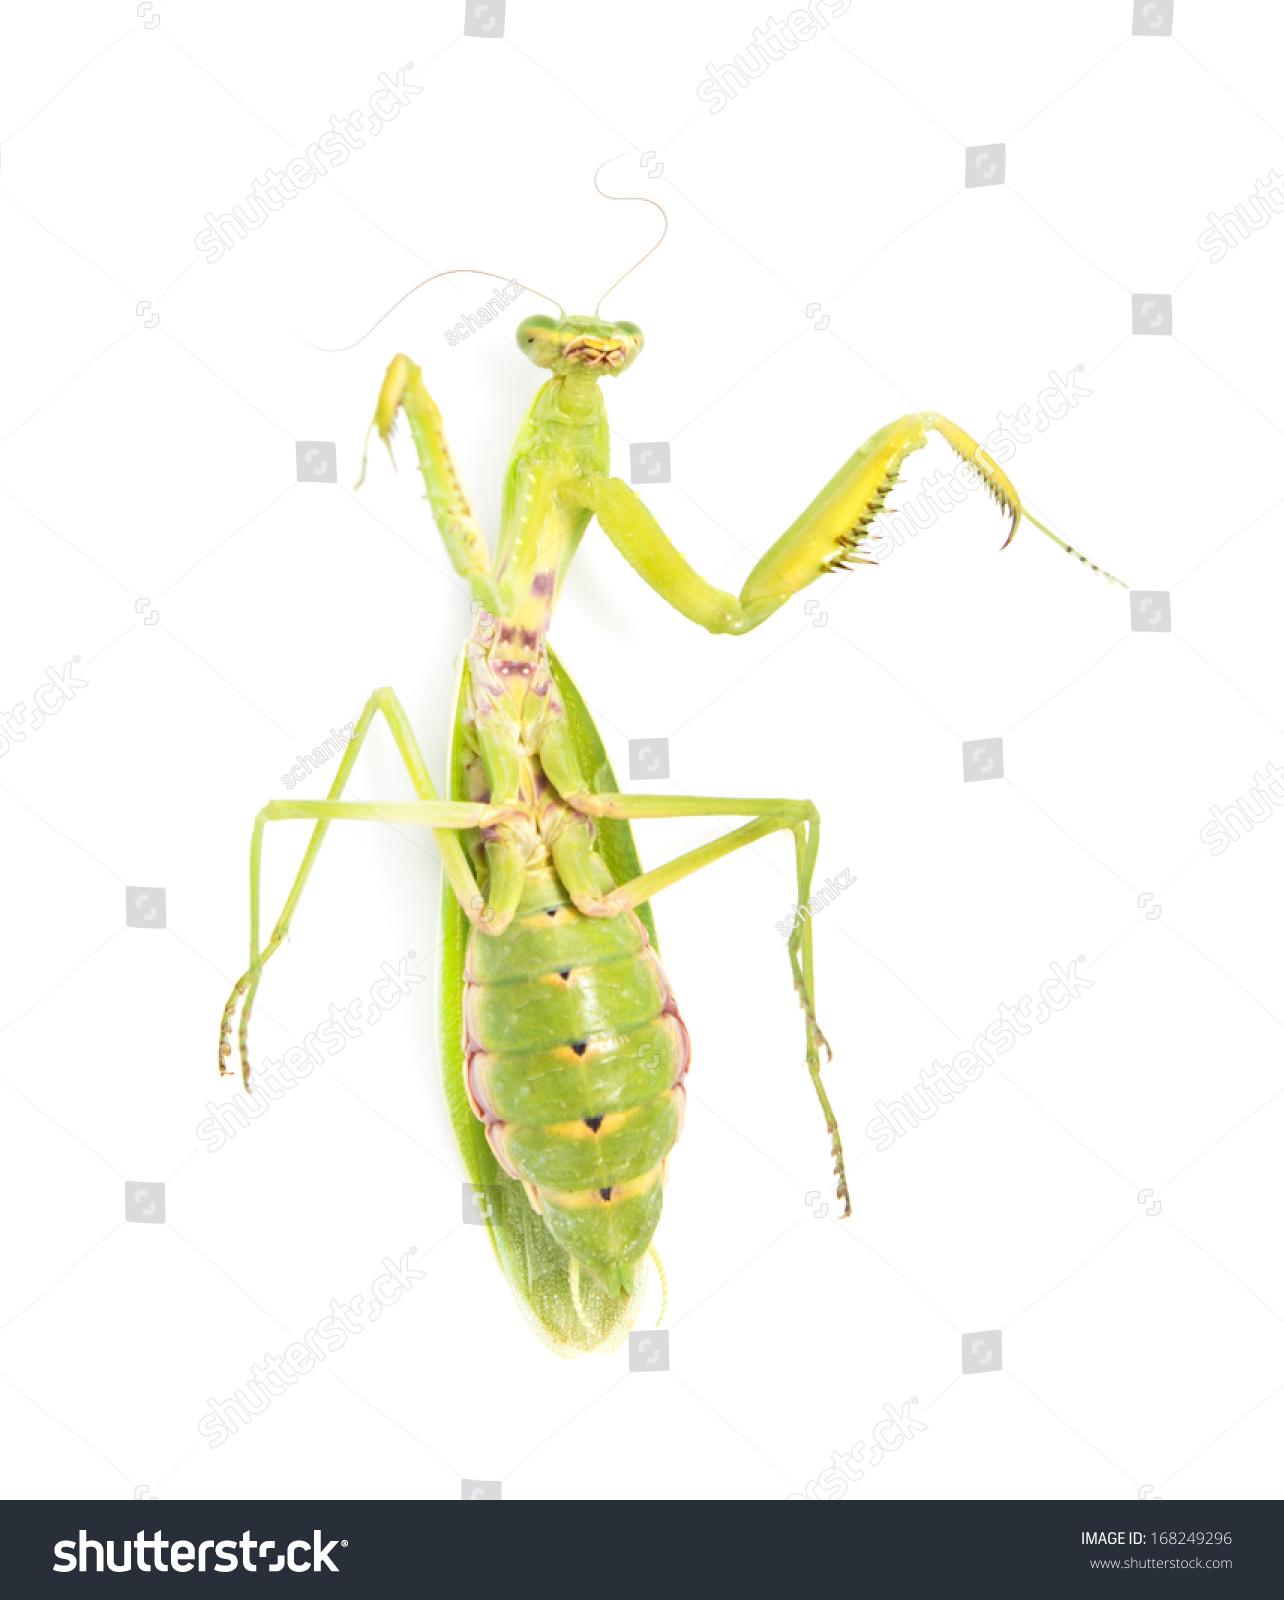 绿色的螳螂在白色背景上-动物/野生生物